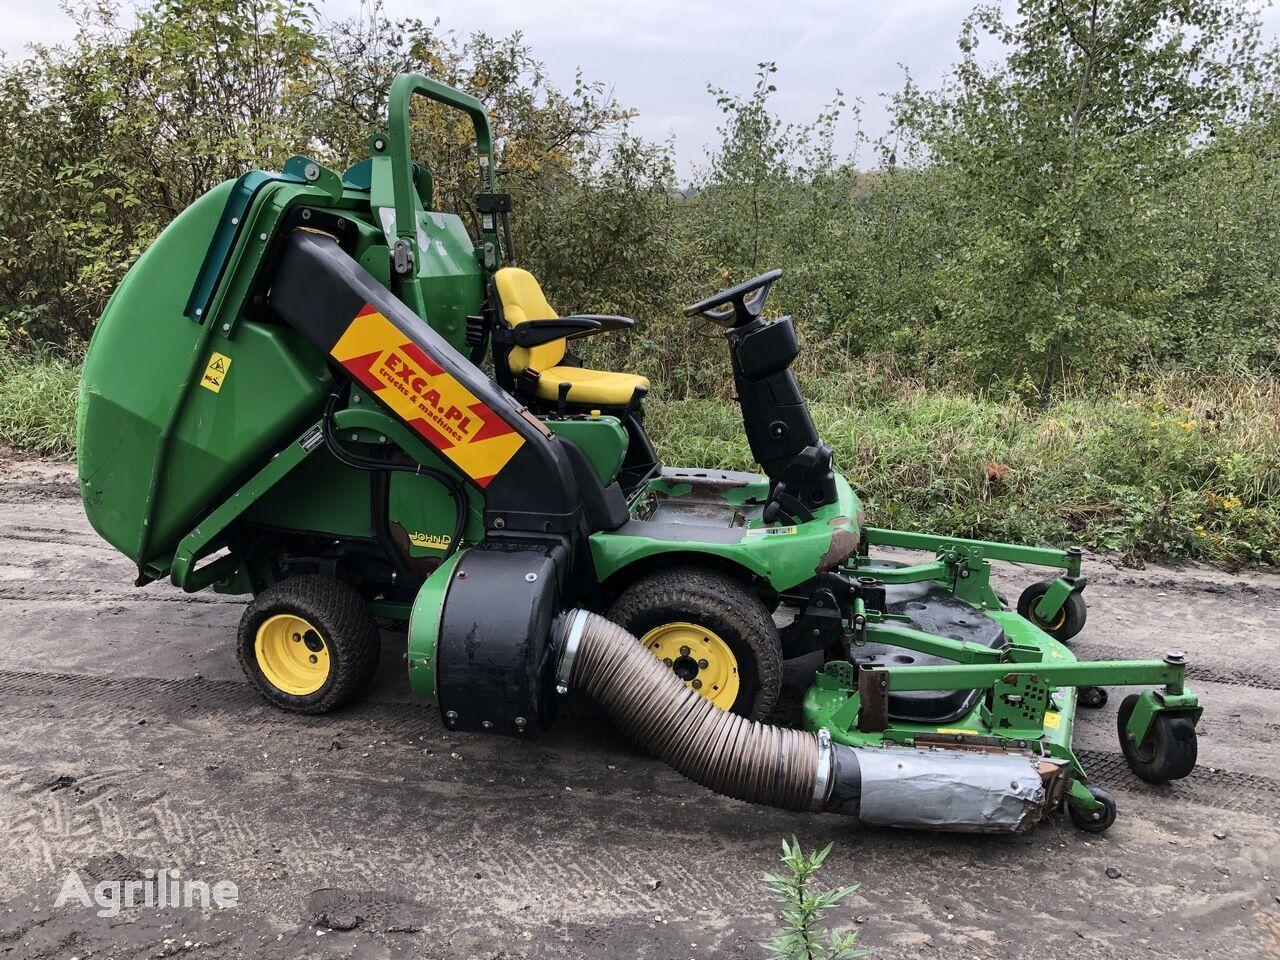 traktorová kosačka JOHN DEERE 1445 Series II 4x4